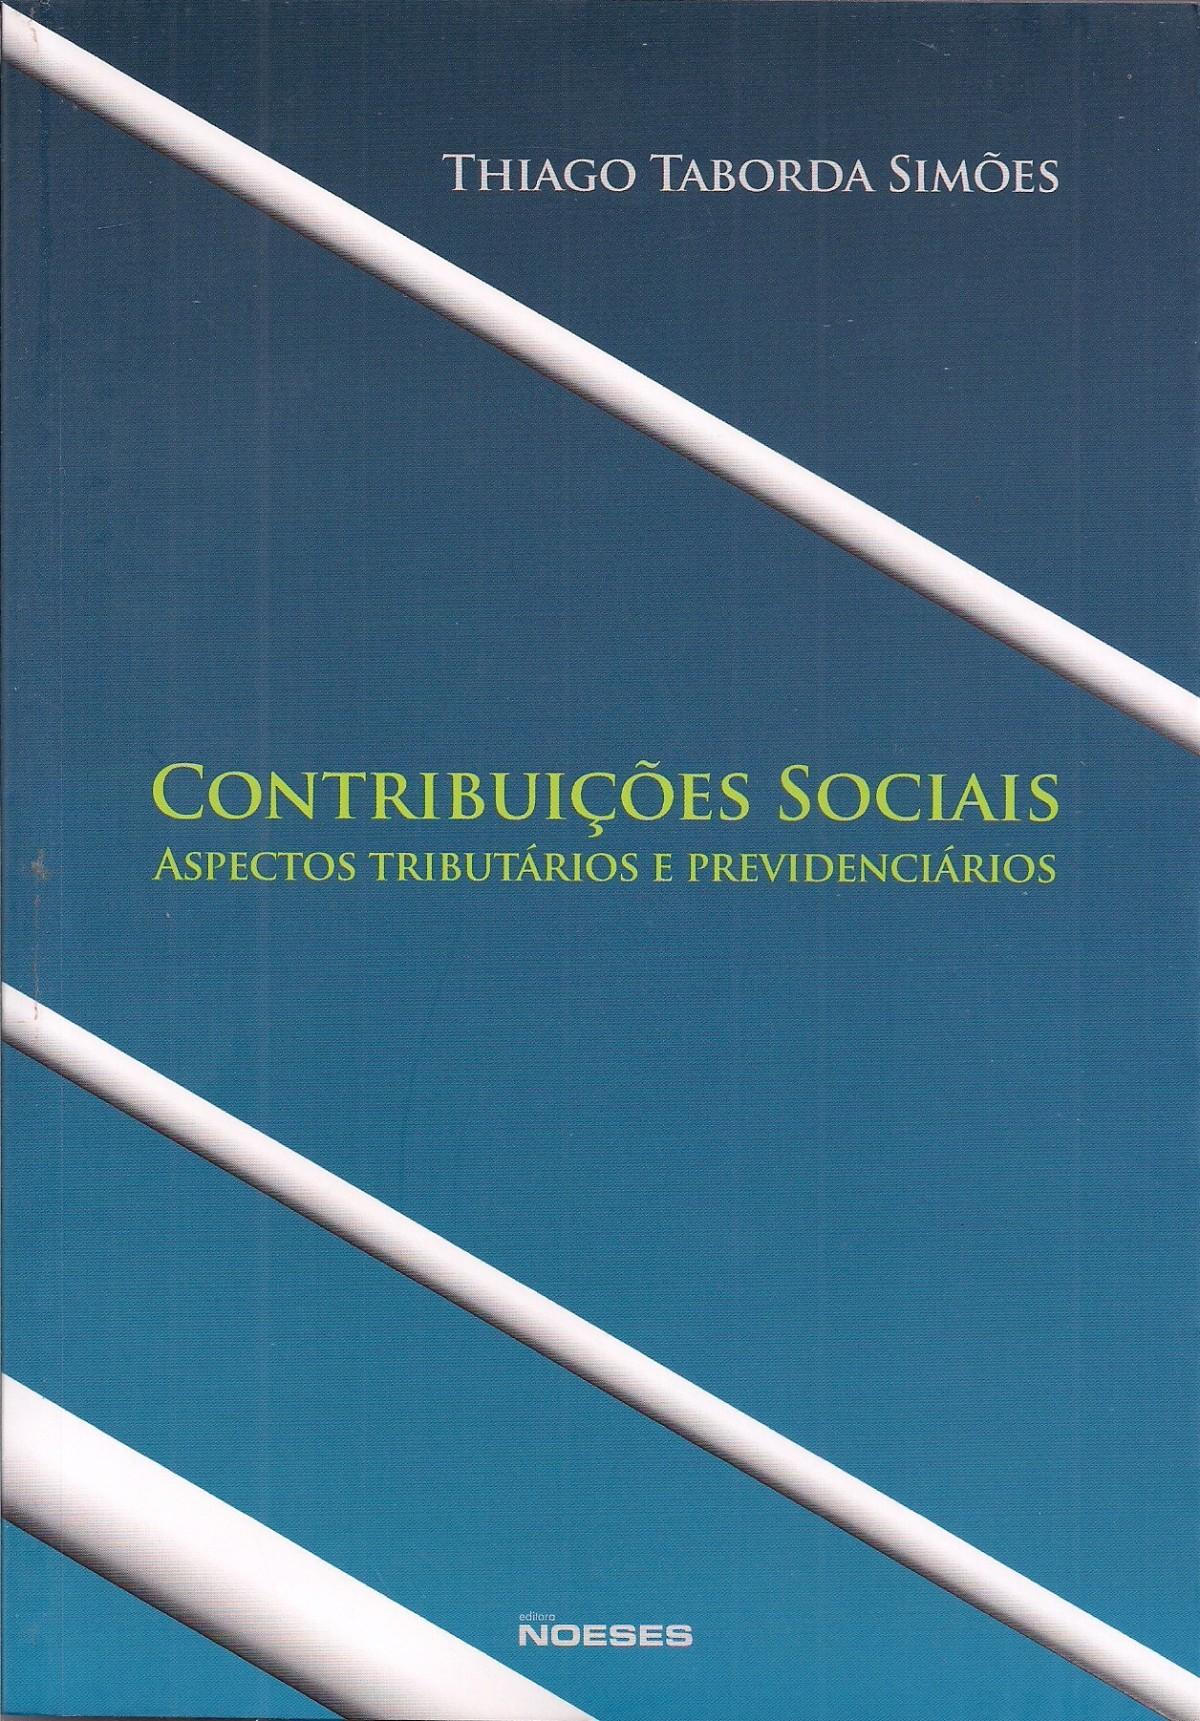 Foto 1 - Contribuições Sociais: Aspectos Tributários e Previdenciários